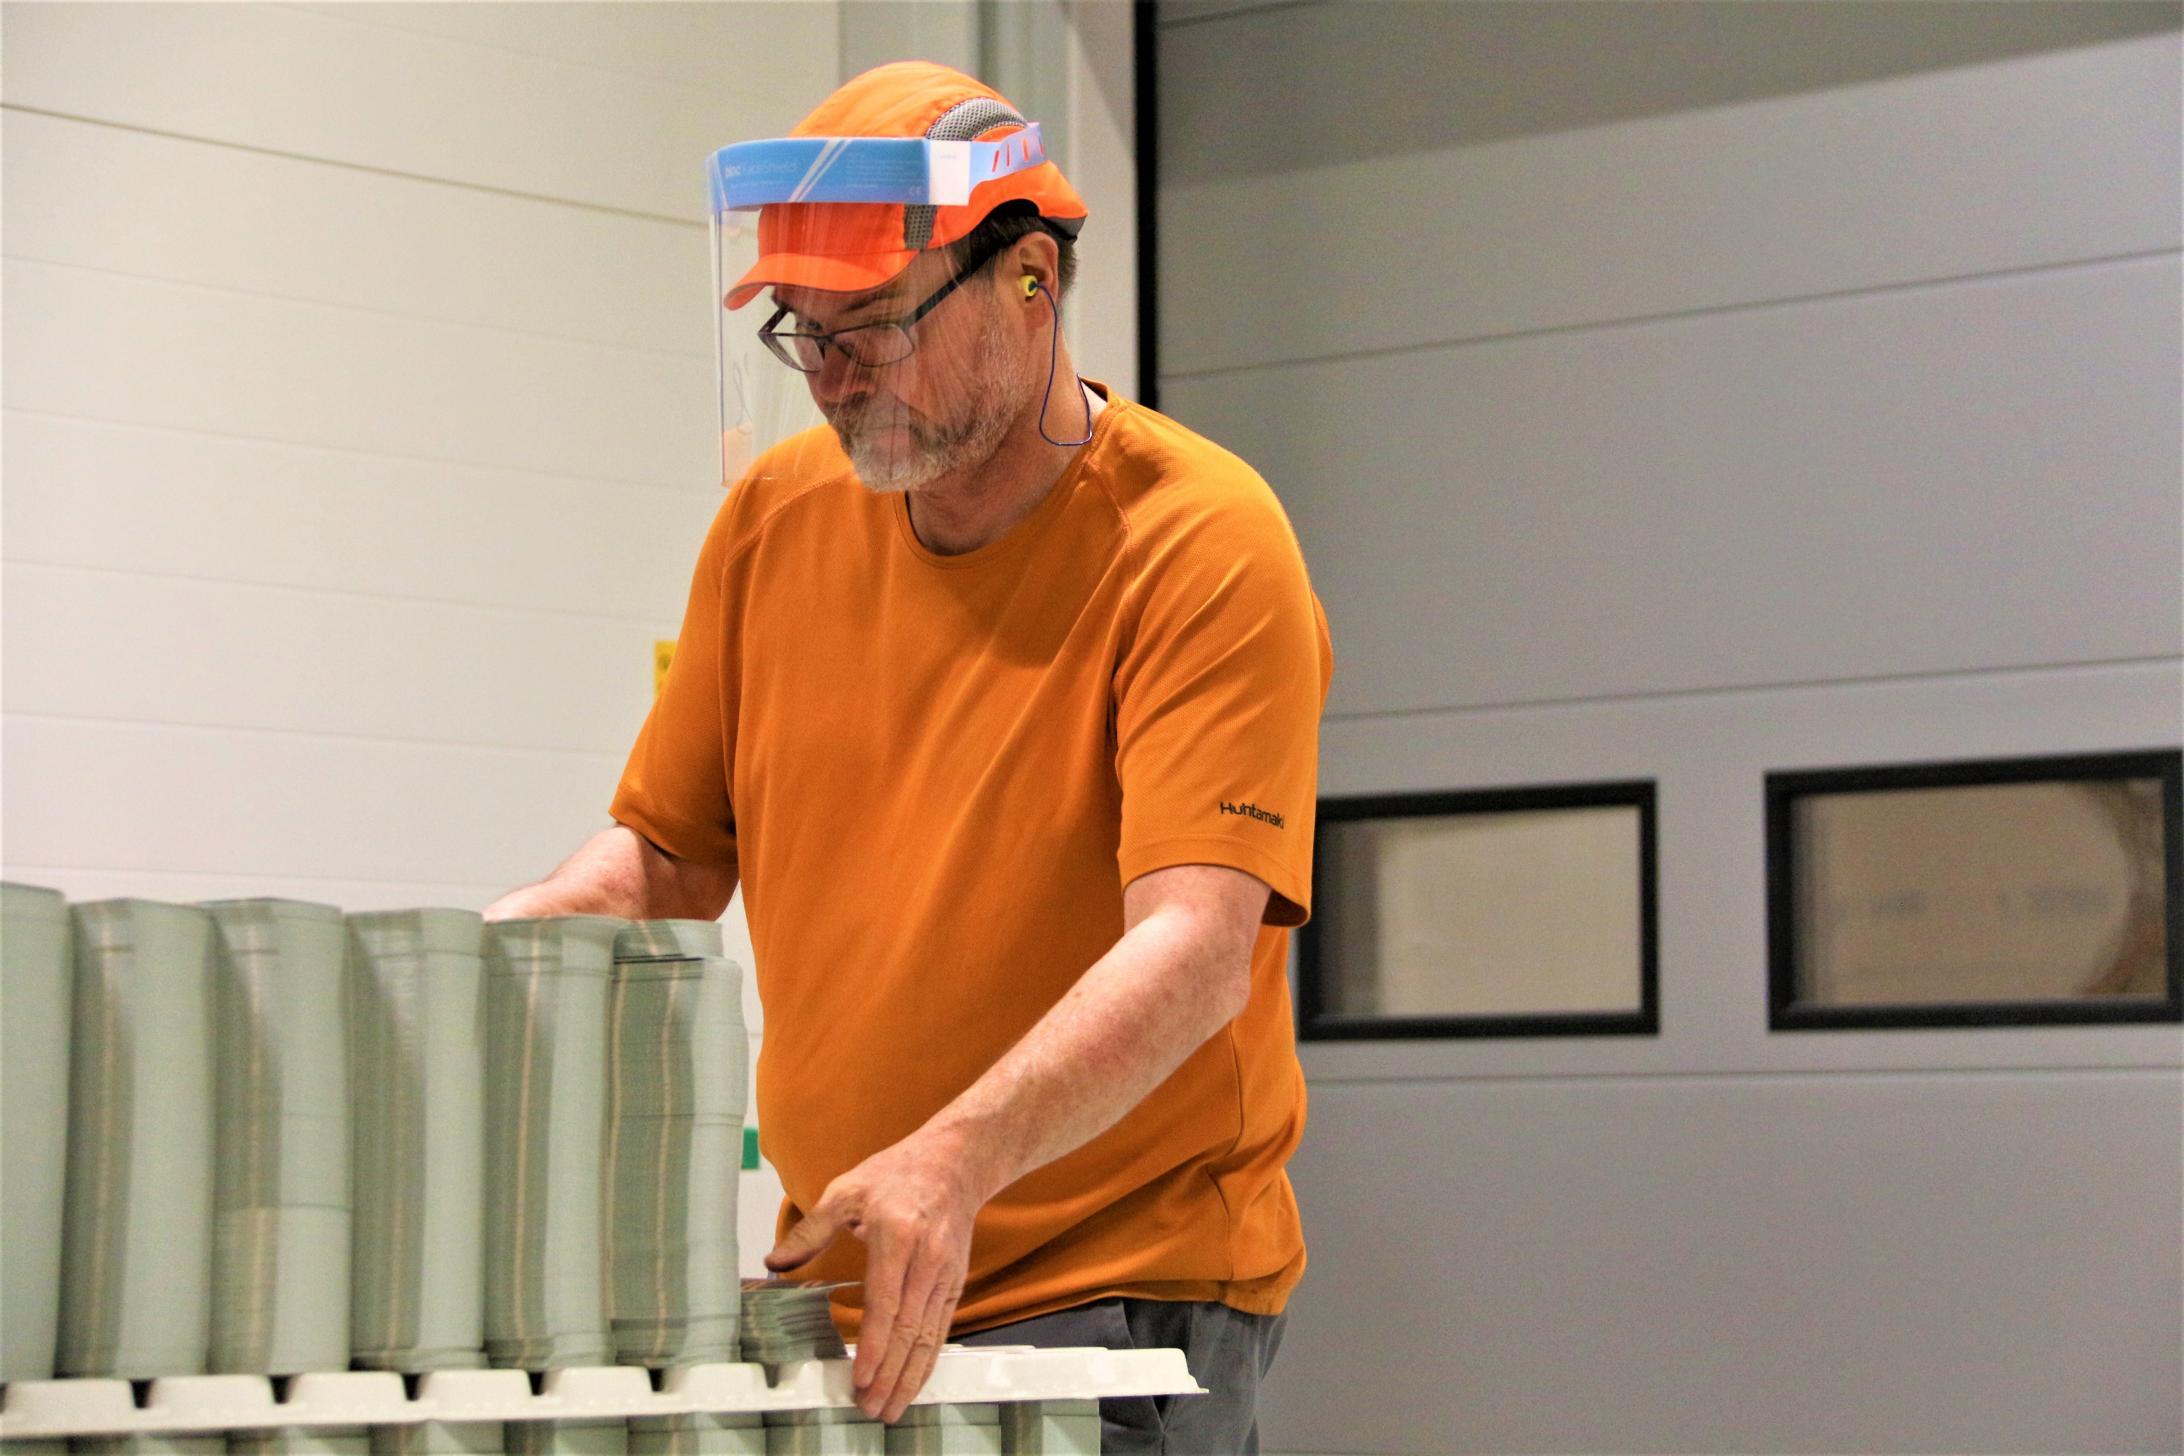 Kartonkikuppiaihiot kohdalleen. Työsuojeluvaltuutettu Jari Oksanen käyttää Huhtamäen tuotantotiloissa kasvosuojana visiiriä.